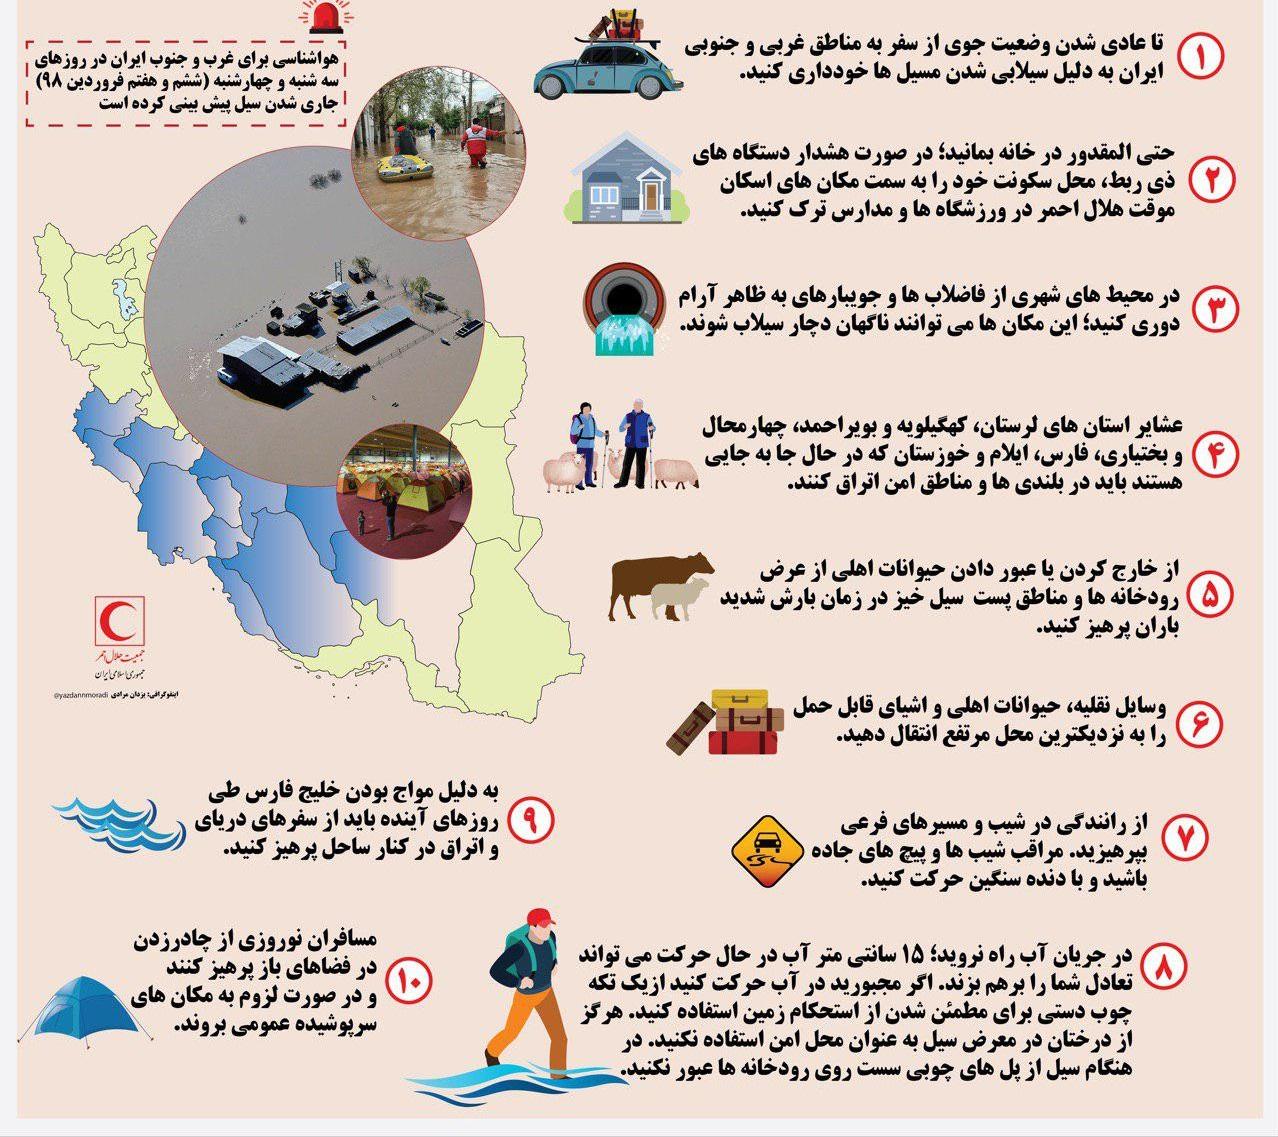 ۱۰ نکته مهم برای مسافران و ساکنان غرب و جنوب ایران+ اینفوگرافی